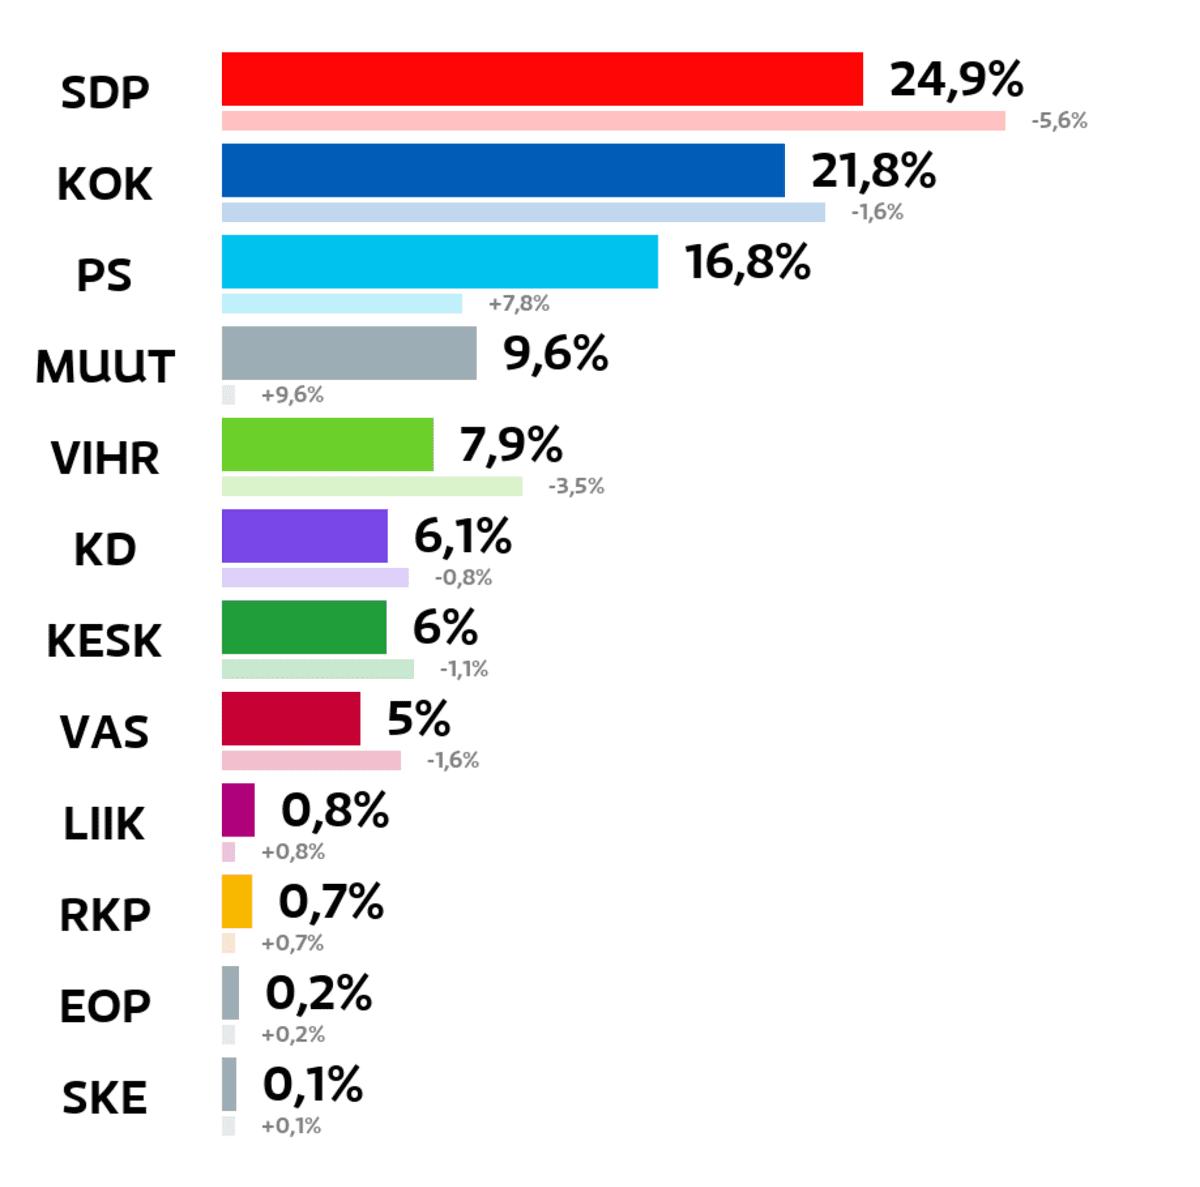 Lahti: Kuntavaalien tulos (%) SDP: 24,9 prosenttia Kokoomus: 21,8 prosenttia Perussuomalaiset: 16,8 prosenttia Muut ryhmät: 9,6 prosenttia Vihreät: 7,9 prosenttia Kristillisdemokraatit: 6,1 prosenttia Keskusta: 6 prosenttia Vasemmistoliitto: 5 prosenttia Liike Nyt: 0,8 prosenttia RKP: 0,7 prosenttia Eläinoikeuspuolue: 0,2 prosenttia Suomen Kansa Ensin: 0,1 prosenttia